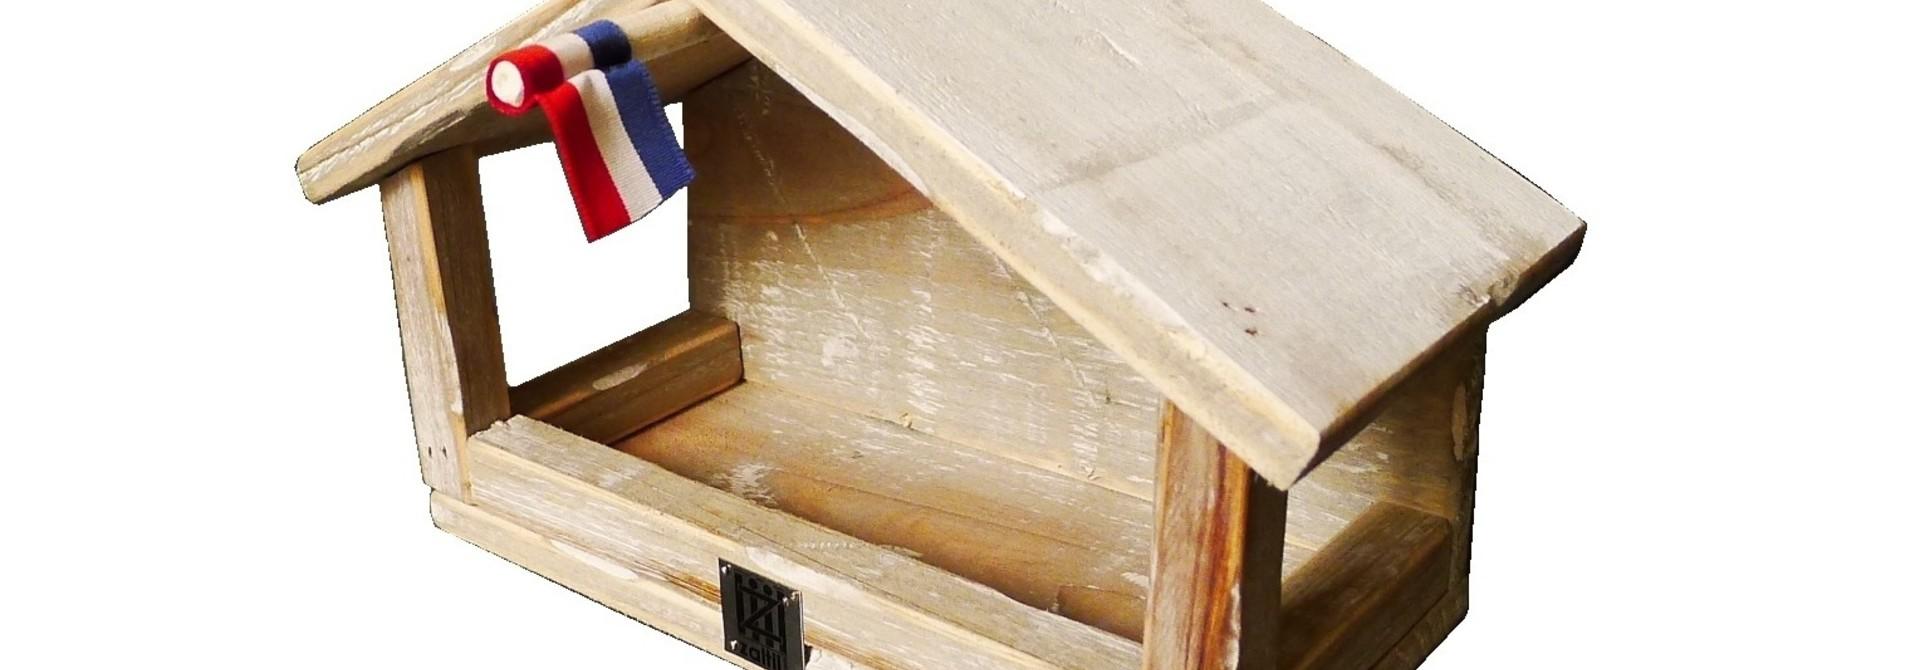 birdhouse old dutch StB wall feeder